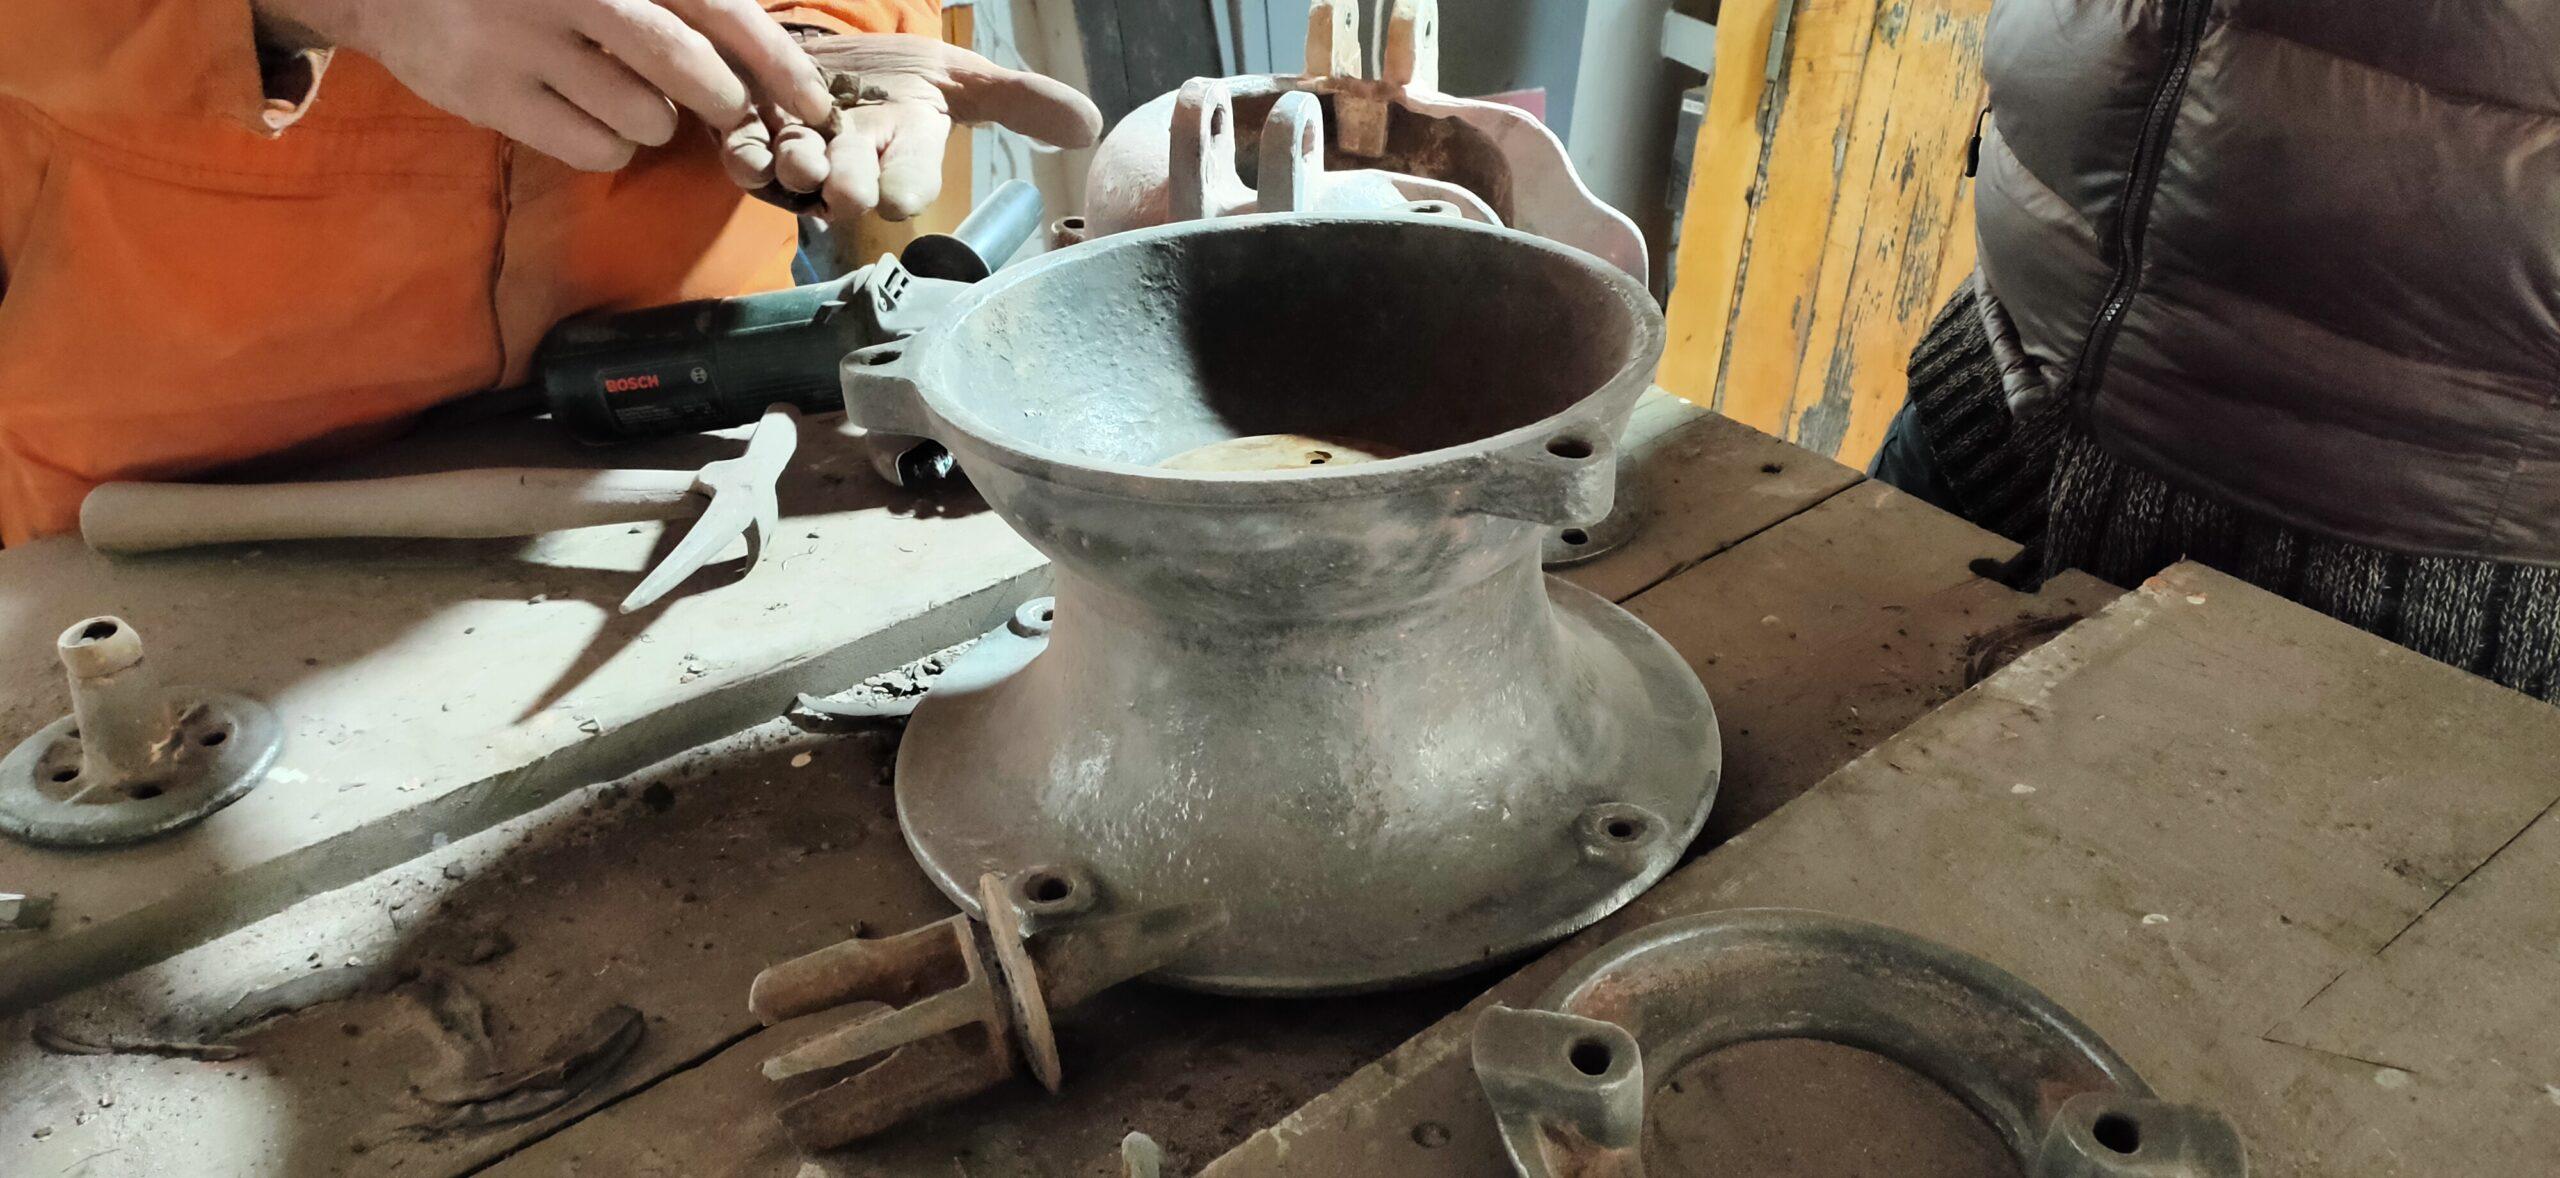 Bilge pump repair